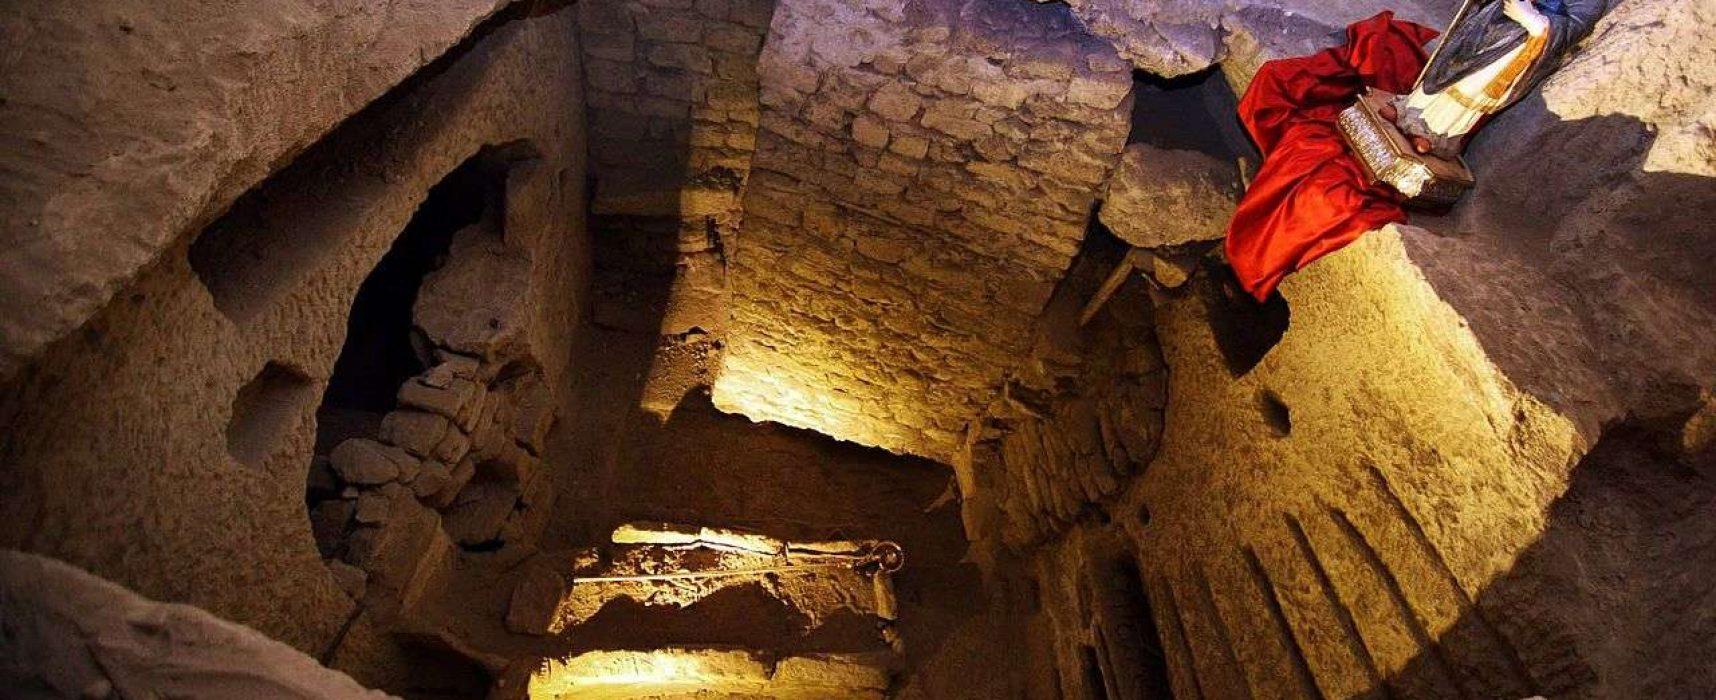 San Gennaro, un Aperitivo alle Catacombe